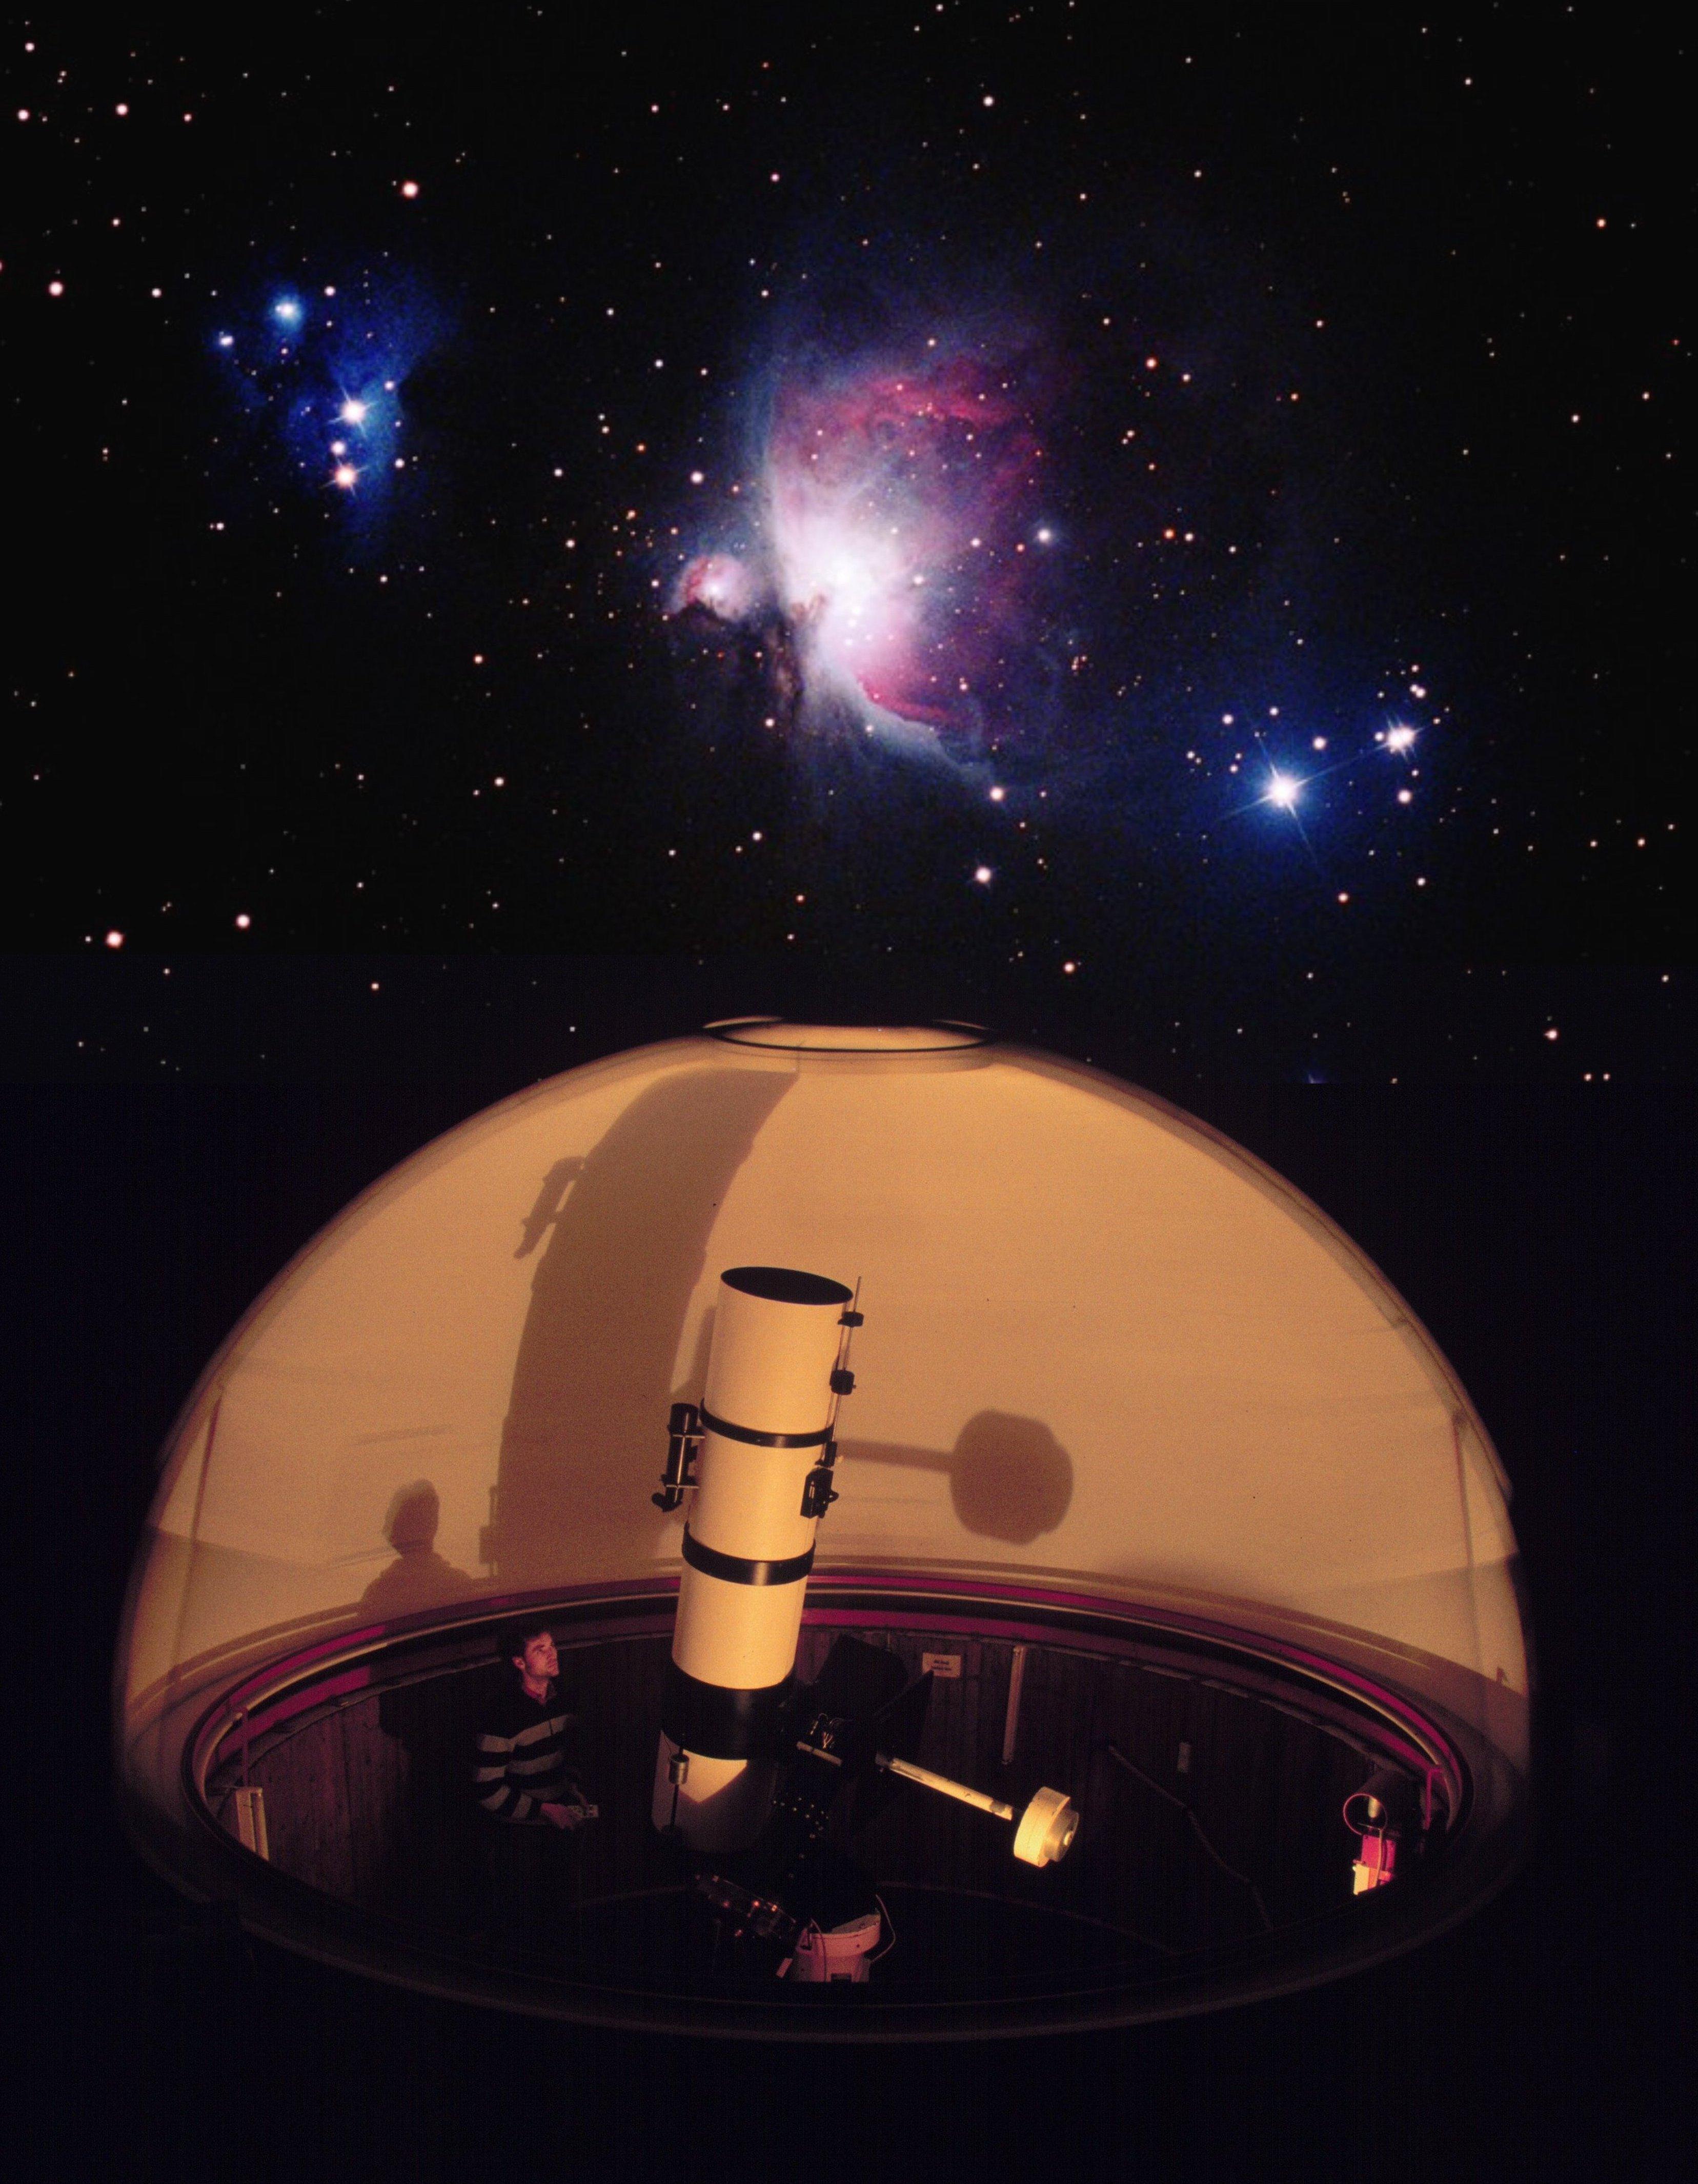 Starkenburg-Sternwarte, Fotomontage: Kuppel mit offenem Spalt, gedreht während Belichtung. Hintergrundbild       Orionnebel mit Flatfieldkamera 190/760mm auf Supera Color Negativfilm 800 ASA 2x20 Minuten.